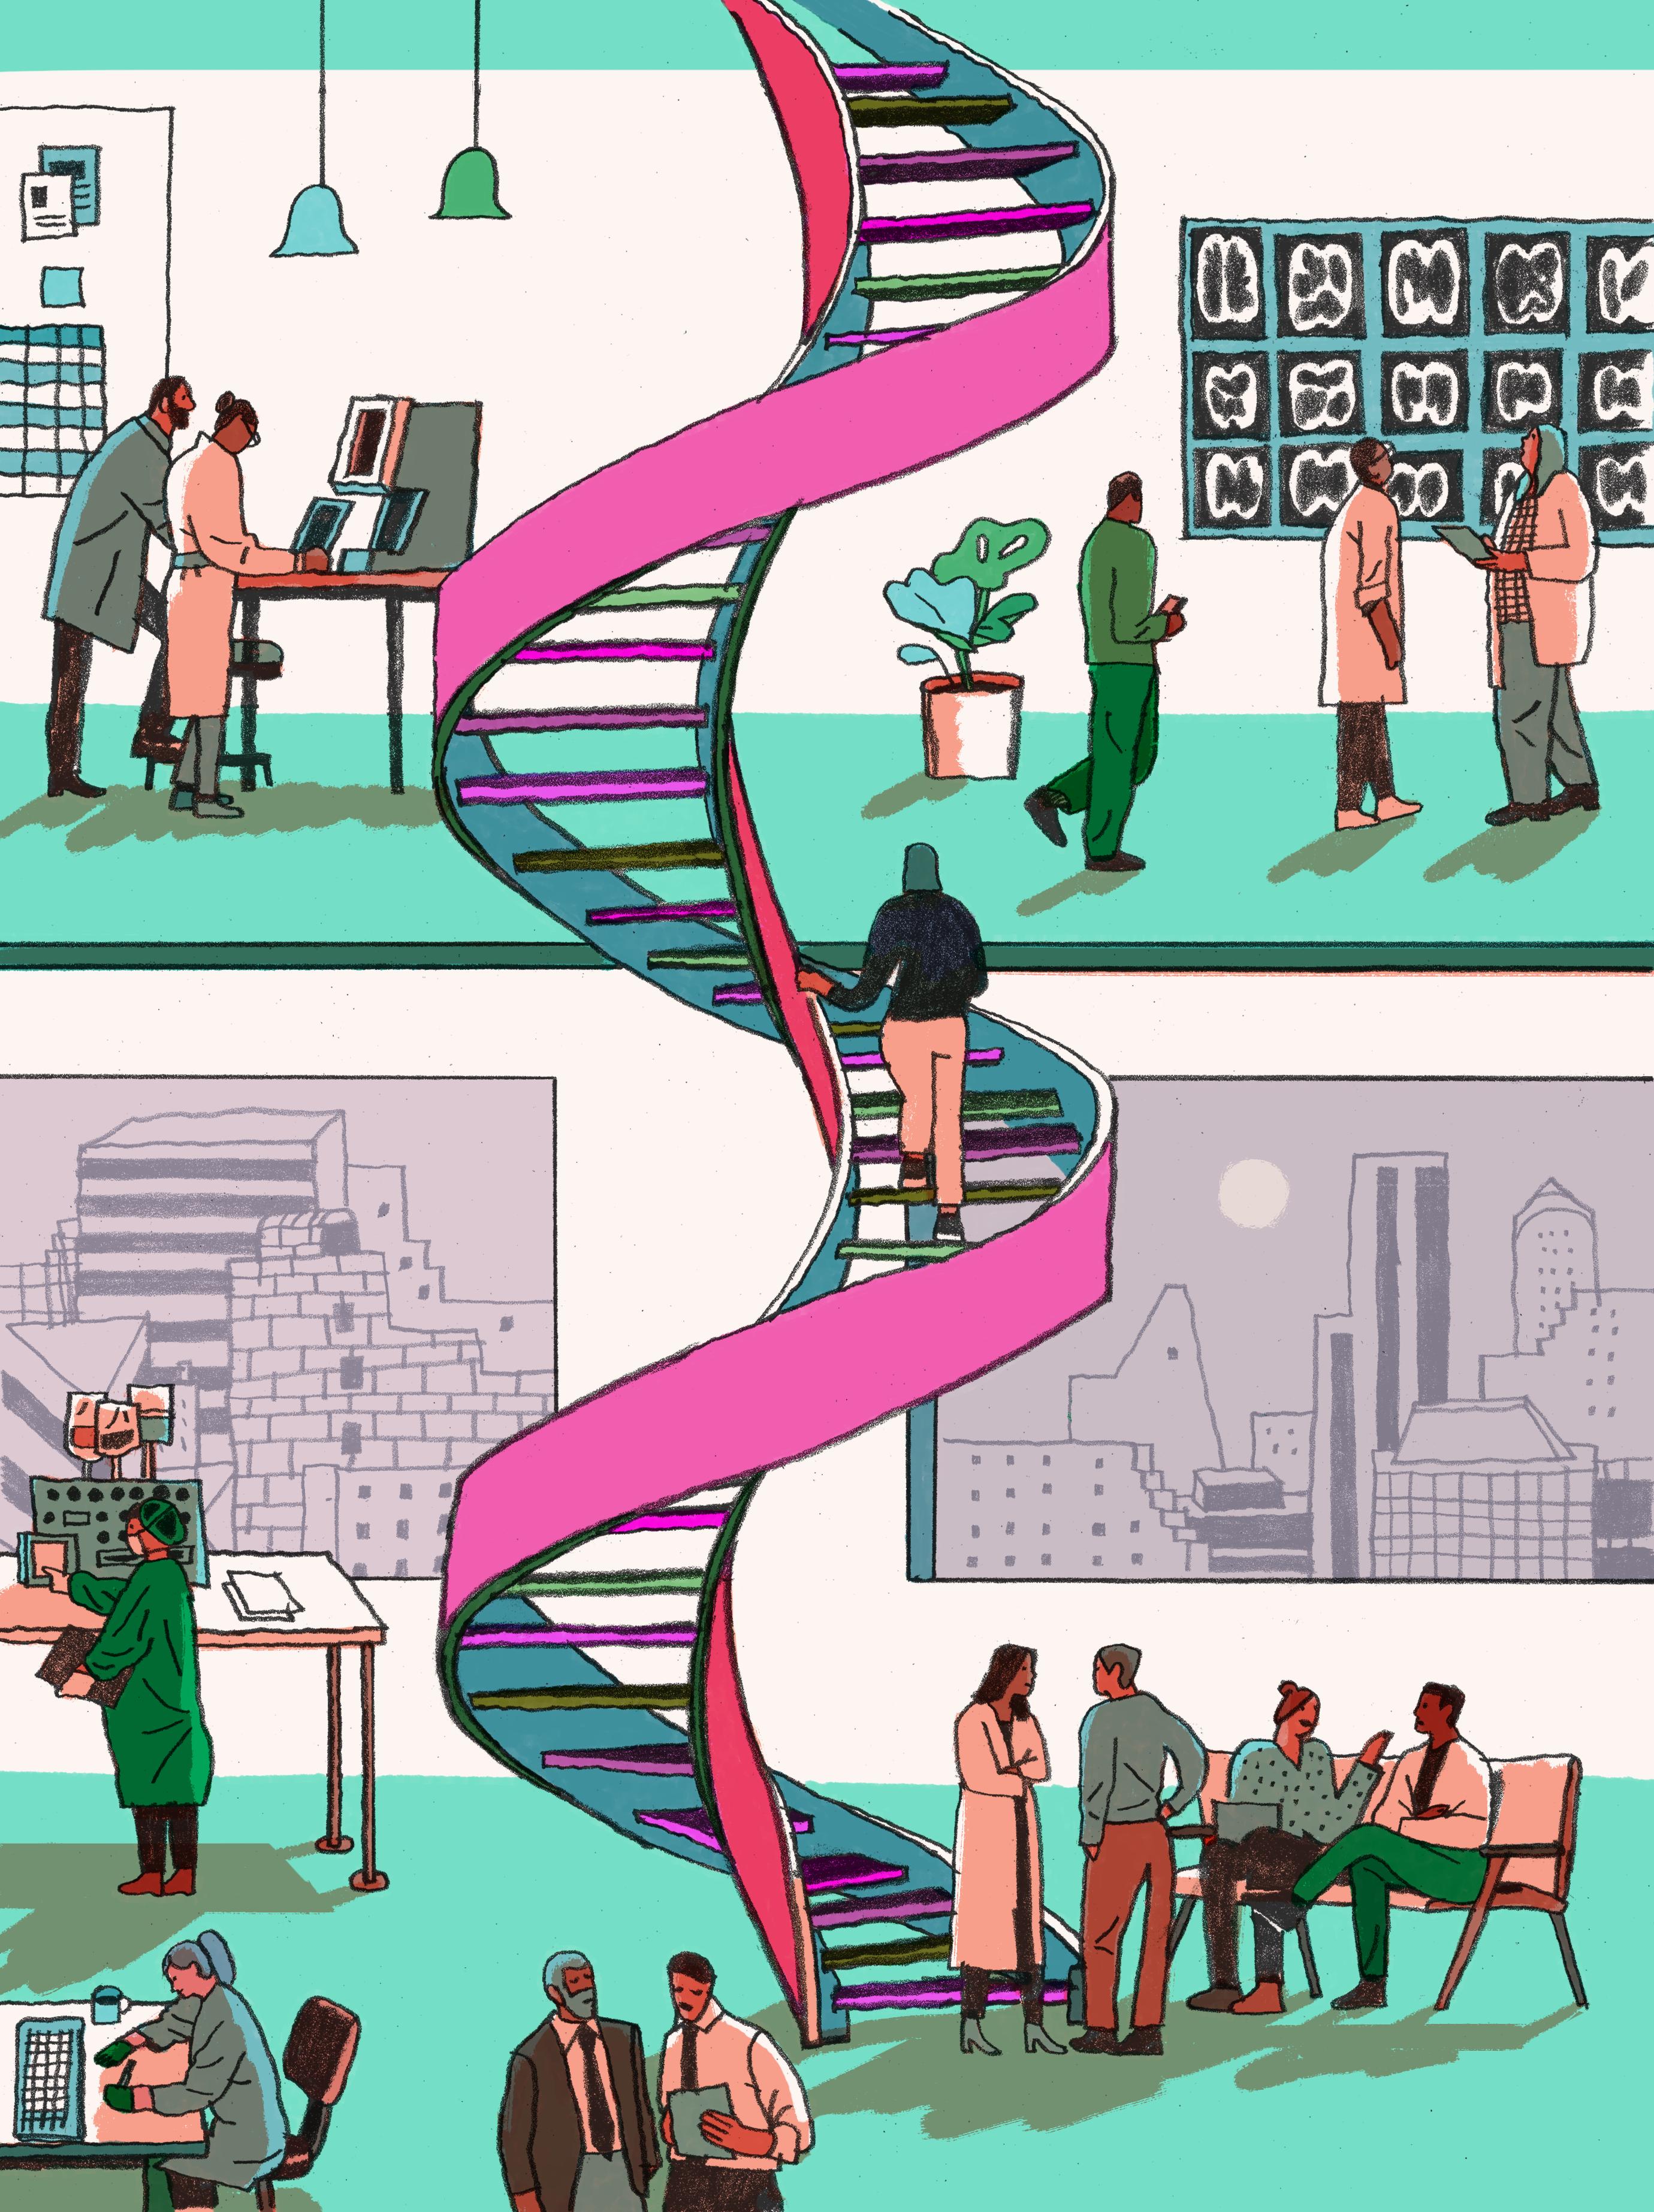 2018年、夢の遺伝子療法 CRISPRがやってくる